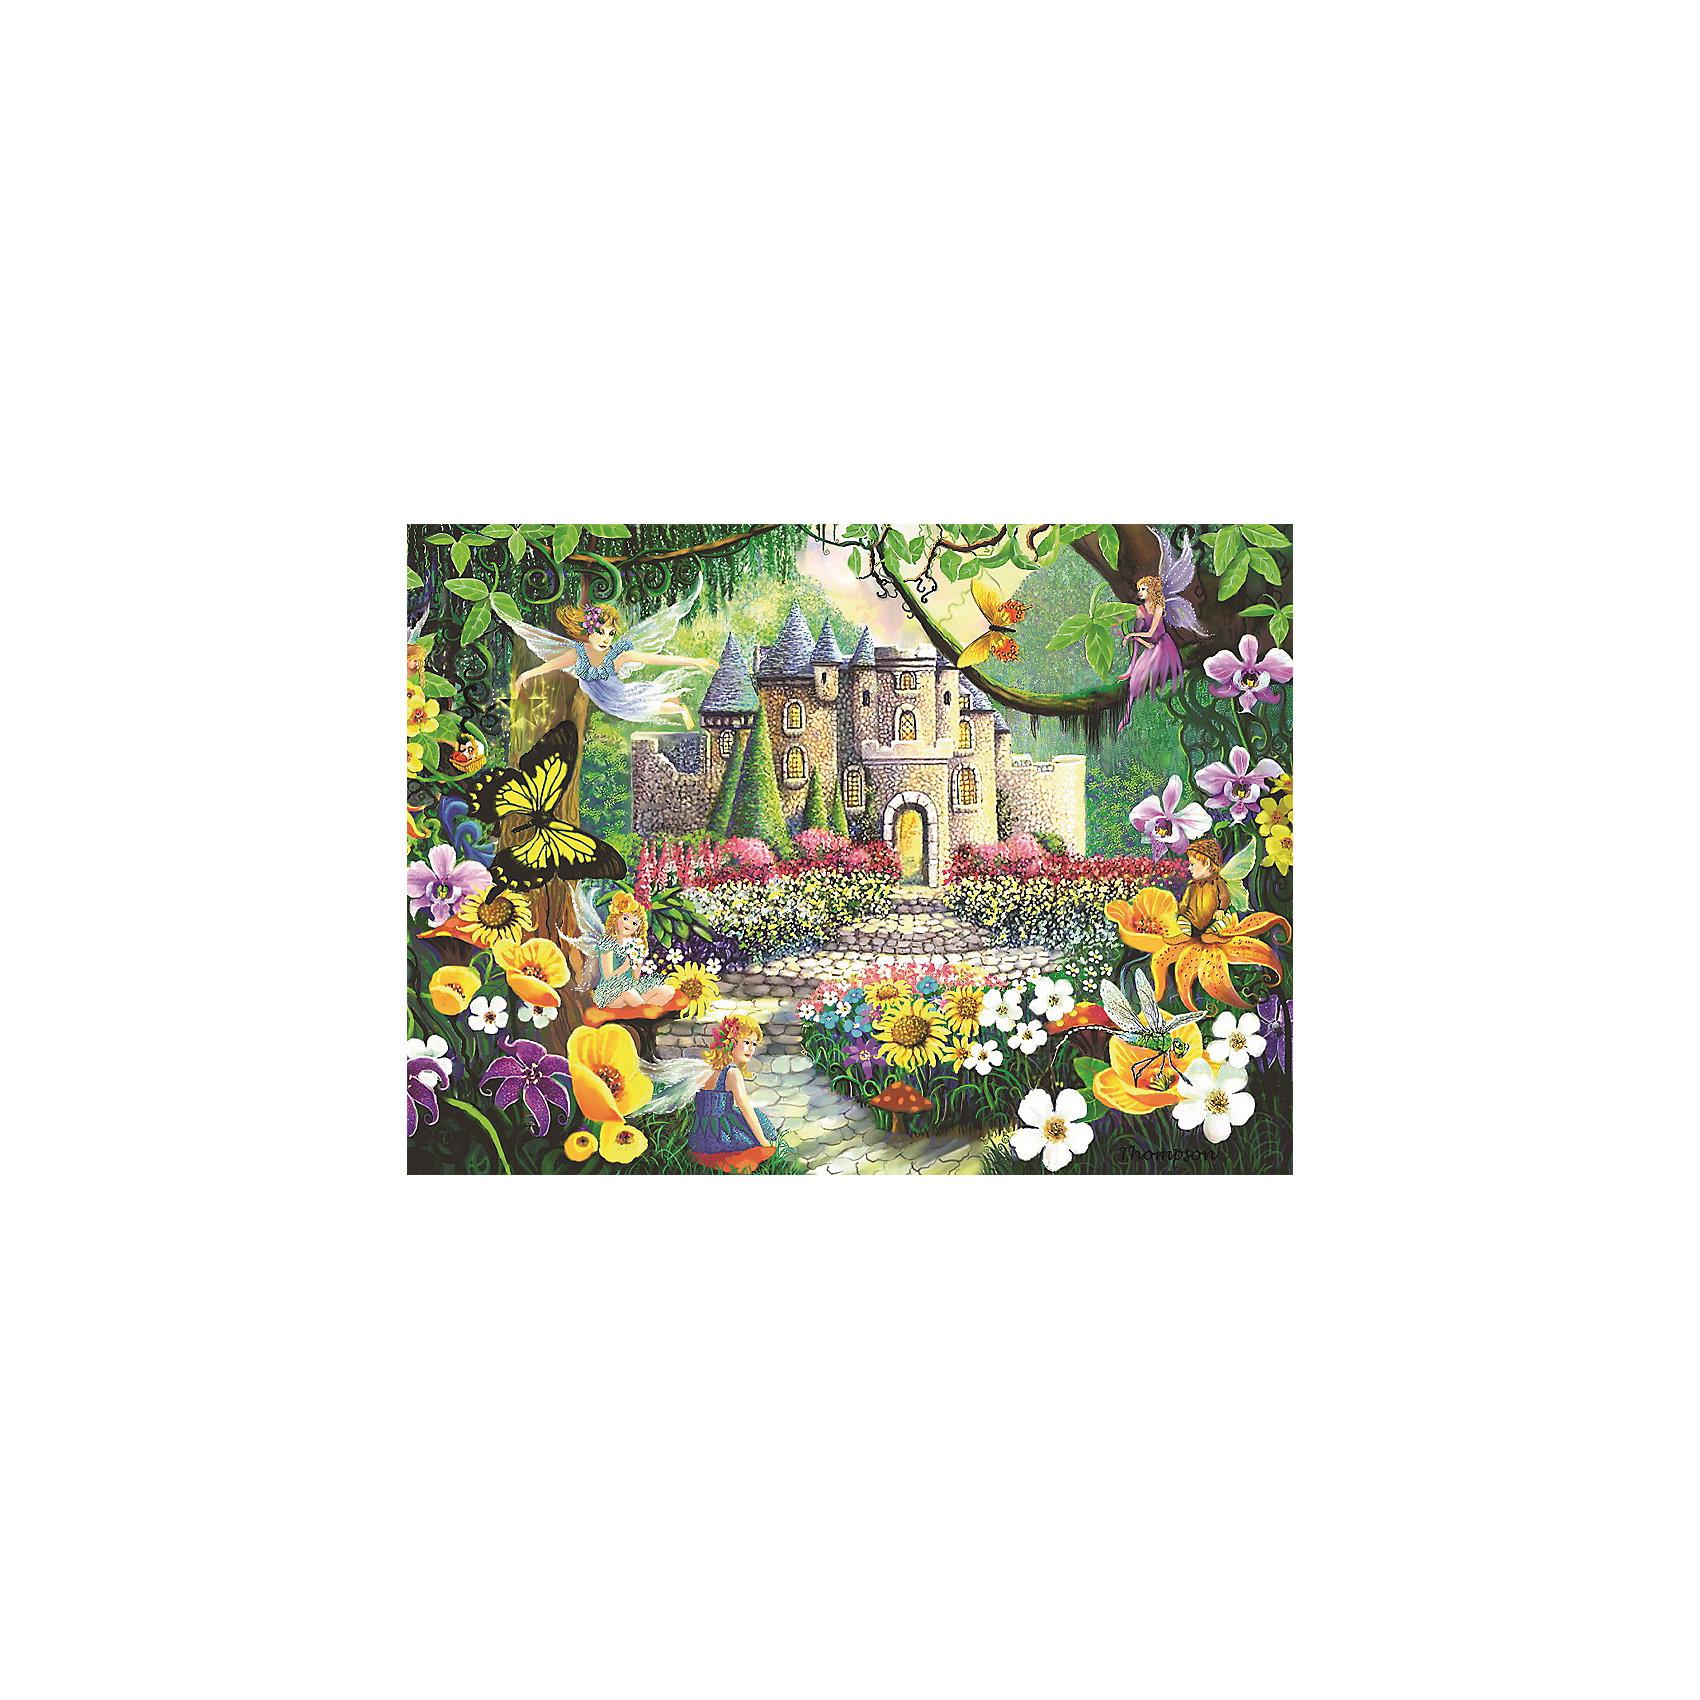 Пазл «Сказочный замок» XXL 200 шт # от myToys